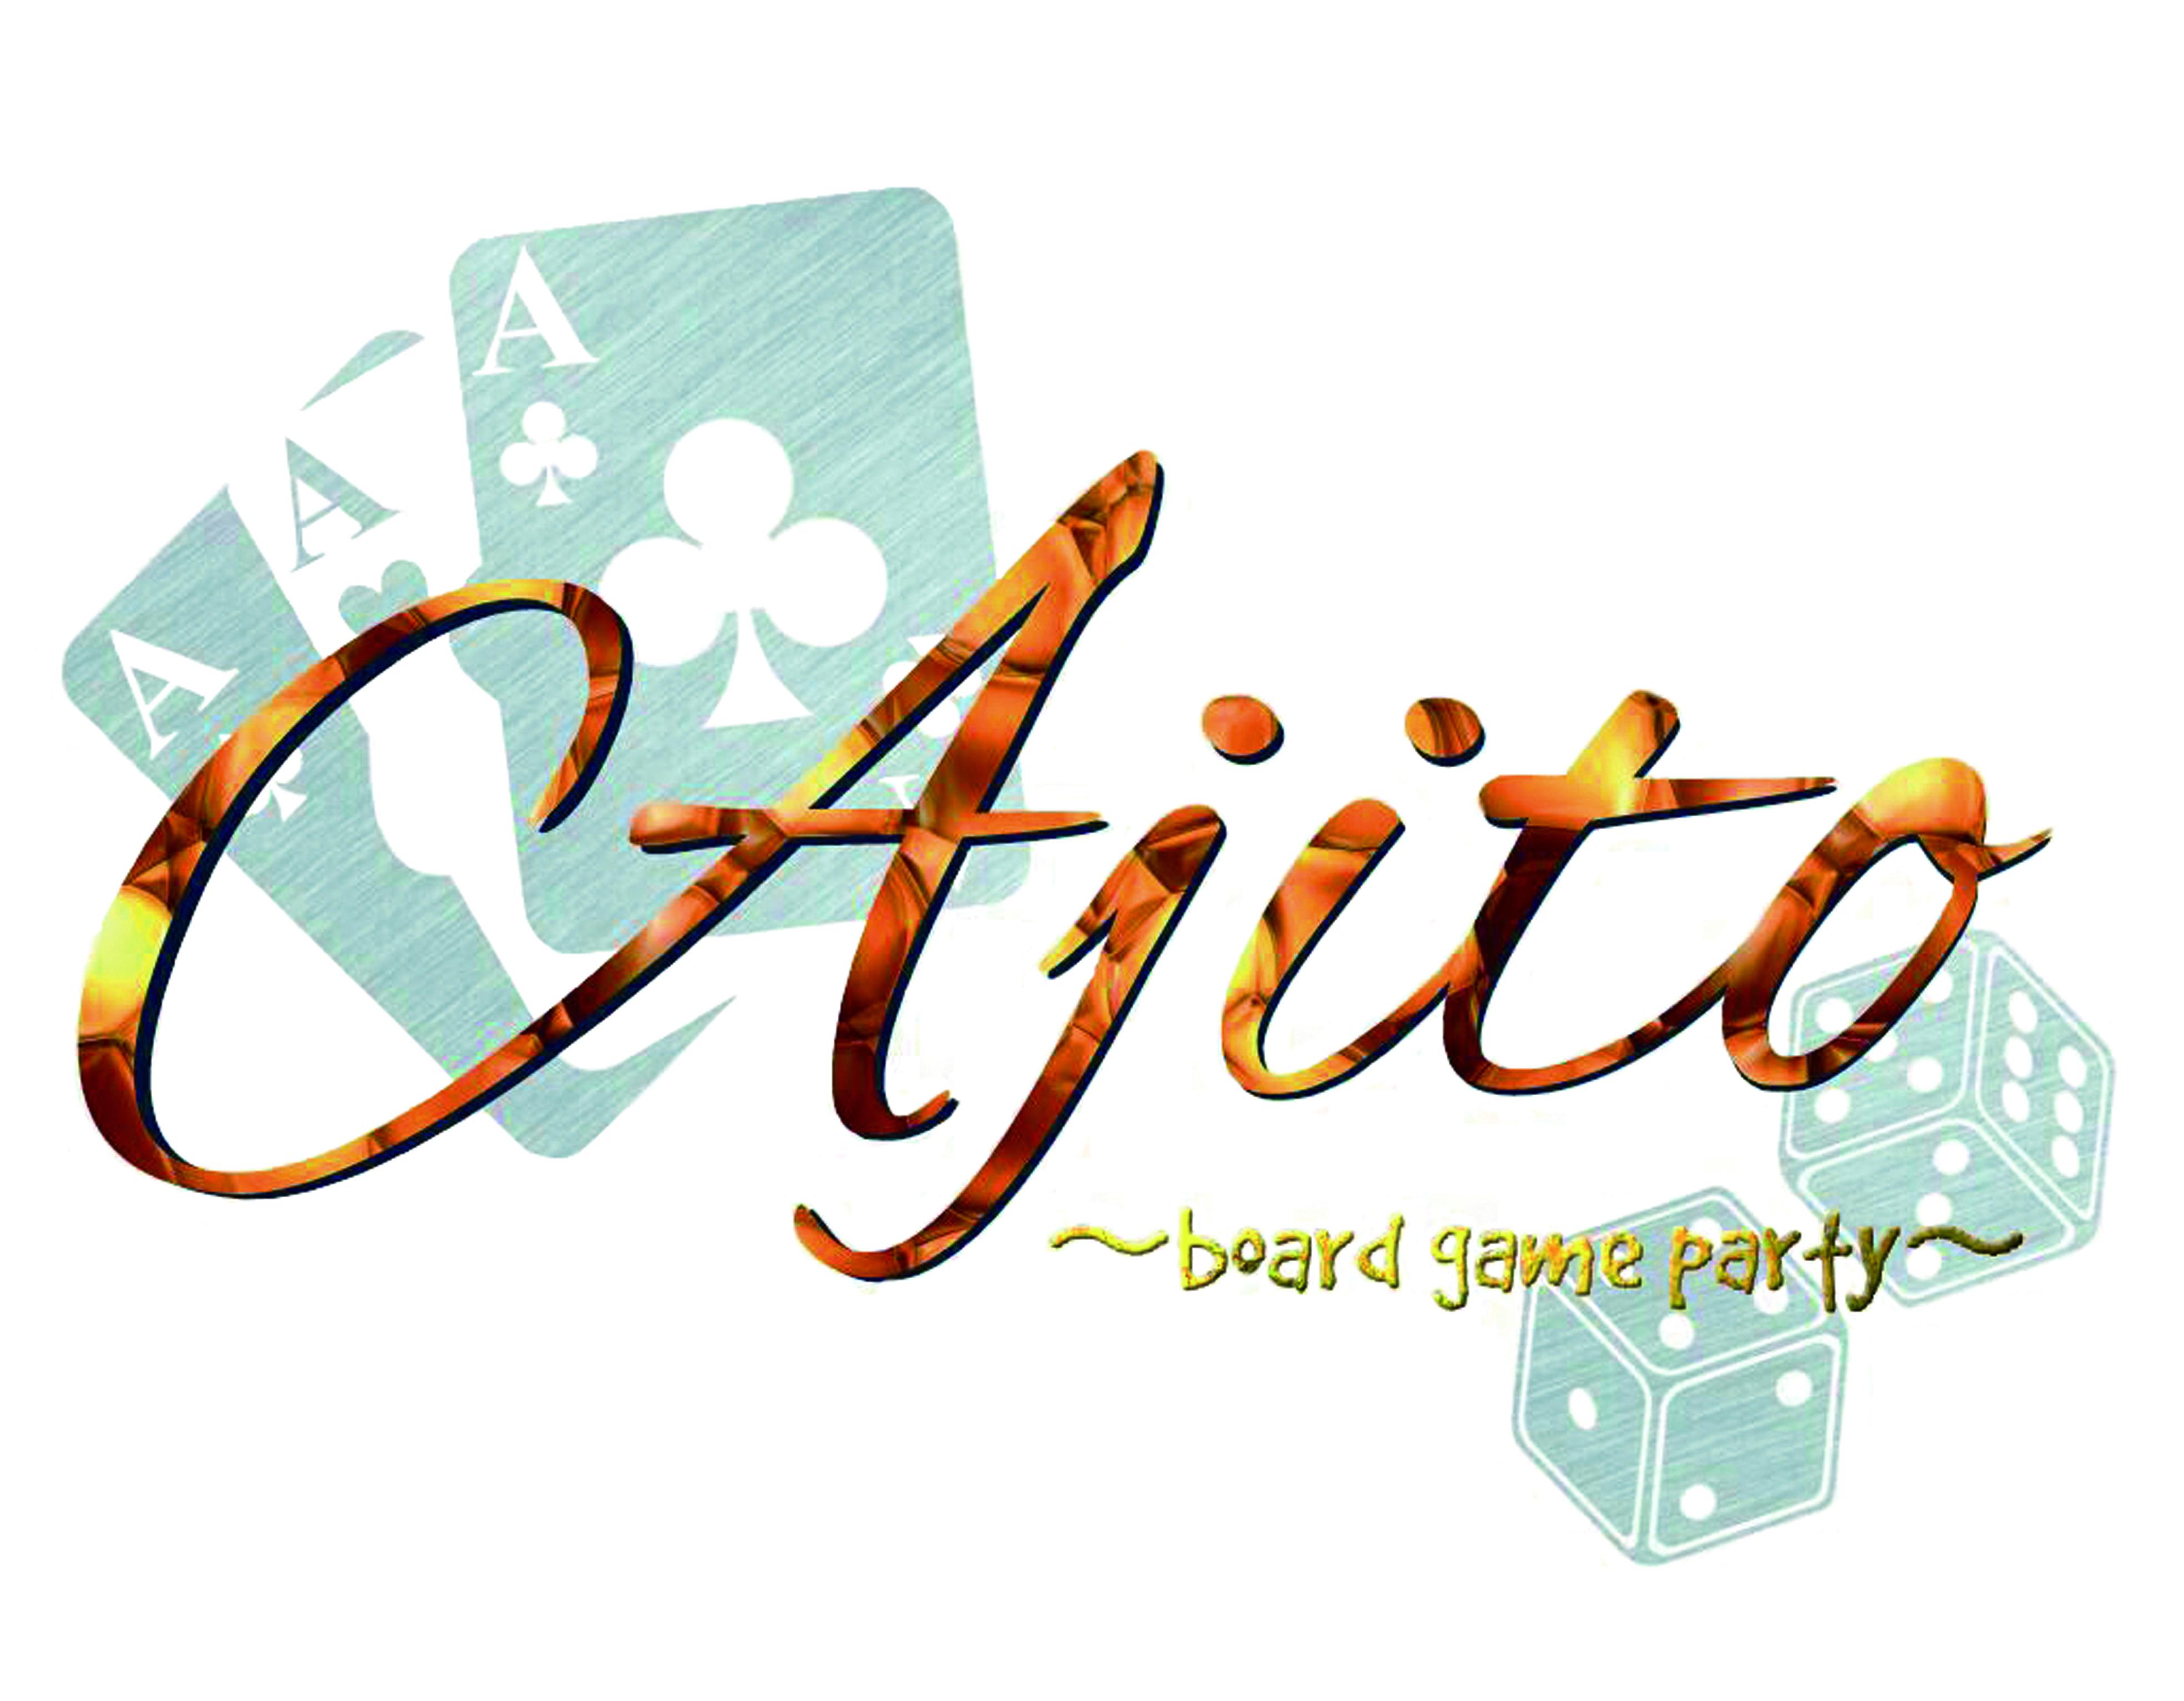 Ajito ~board game party~(アジト ボードゲームパーティー)